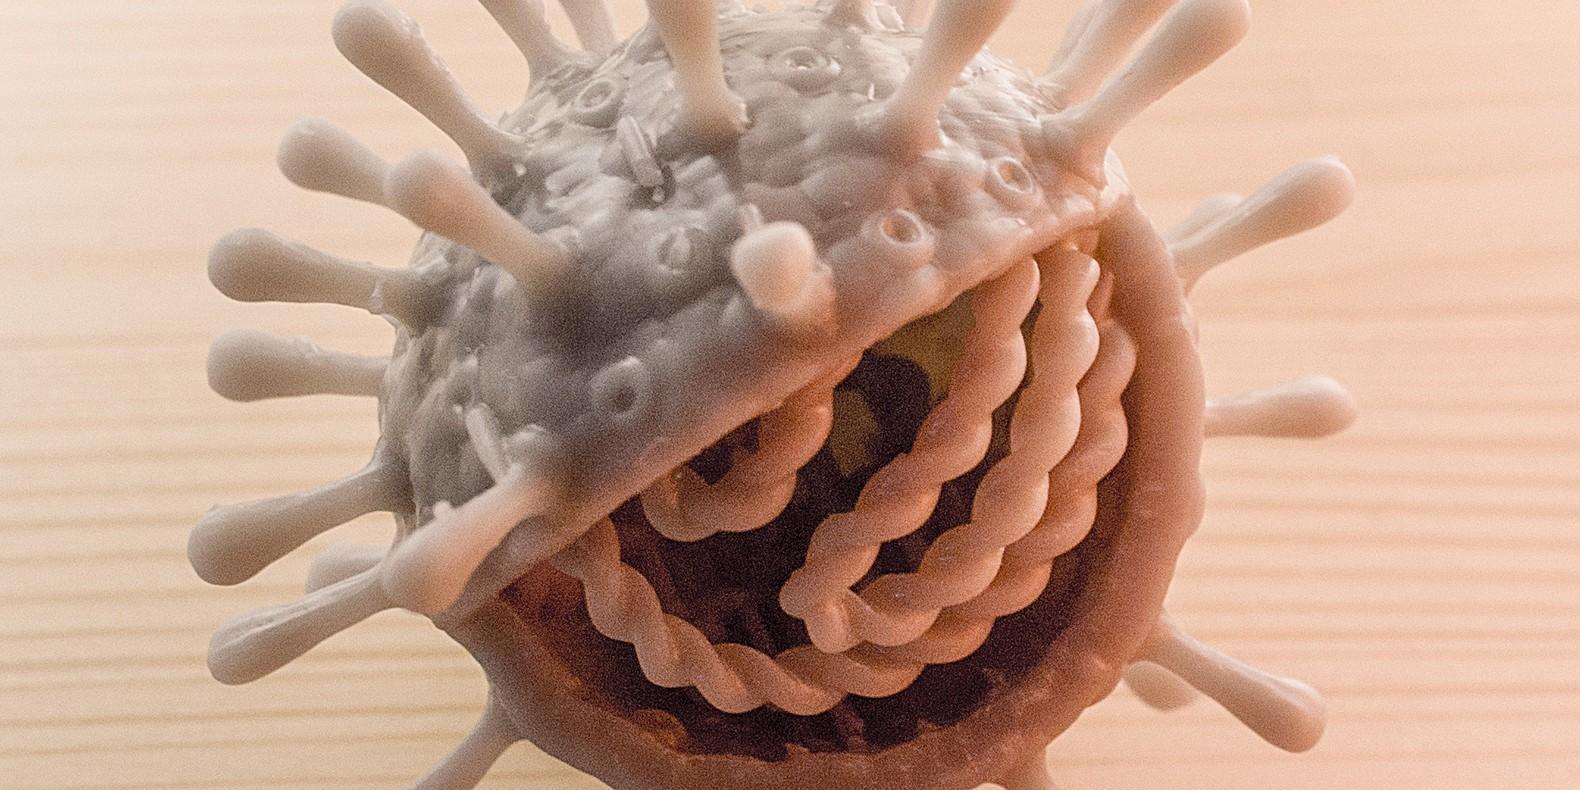 Voici une sélection des modèles 3D les plus utiles à réaliser avec une imprimante 3D contre le coronavirus covid-19